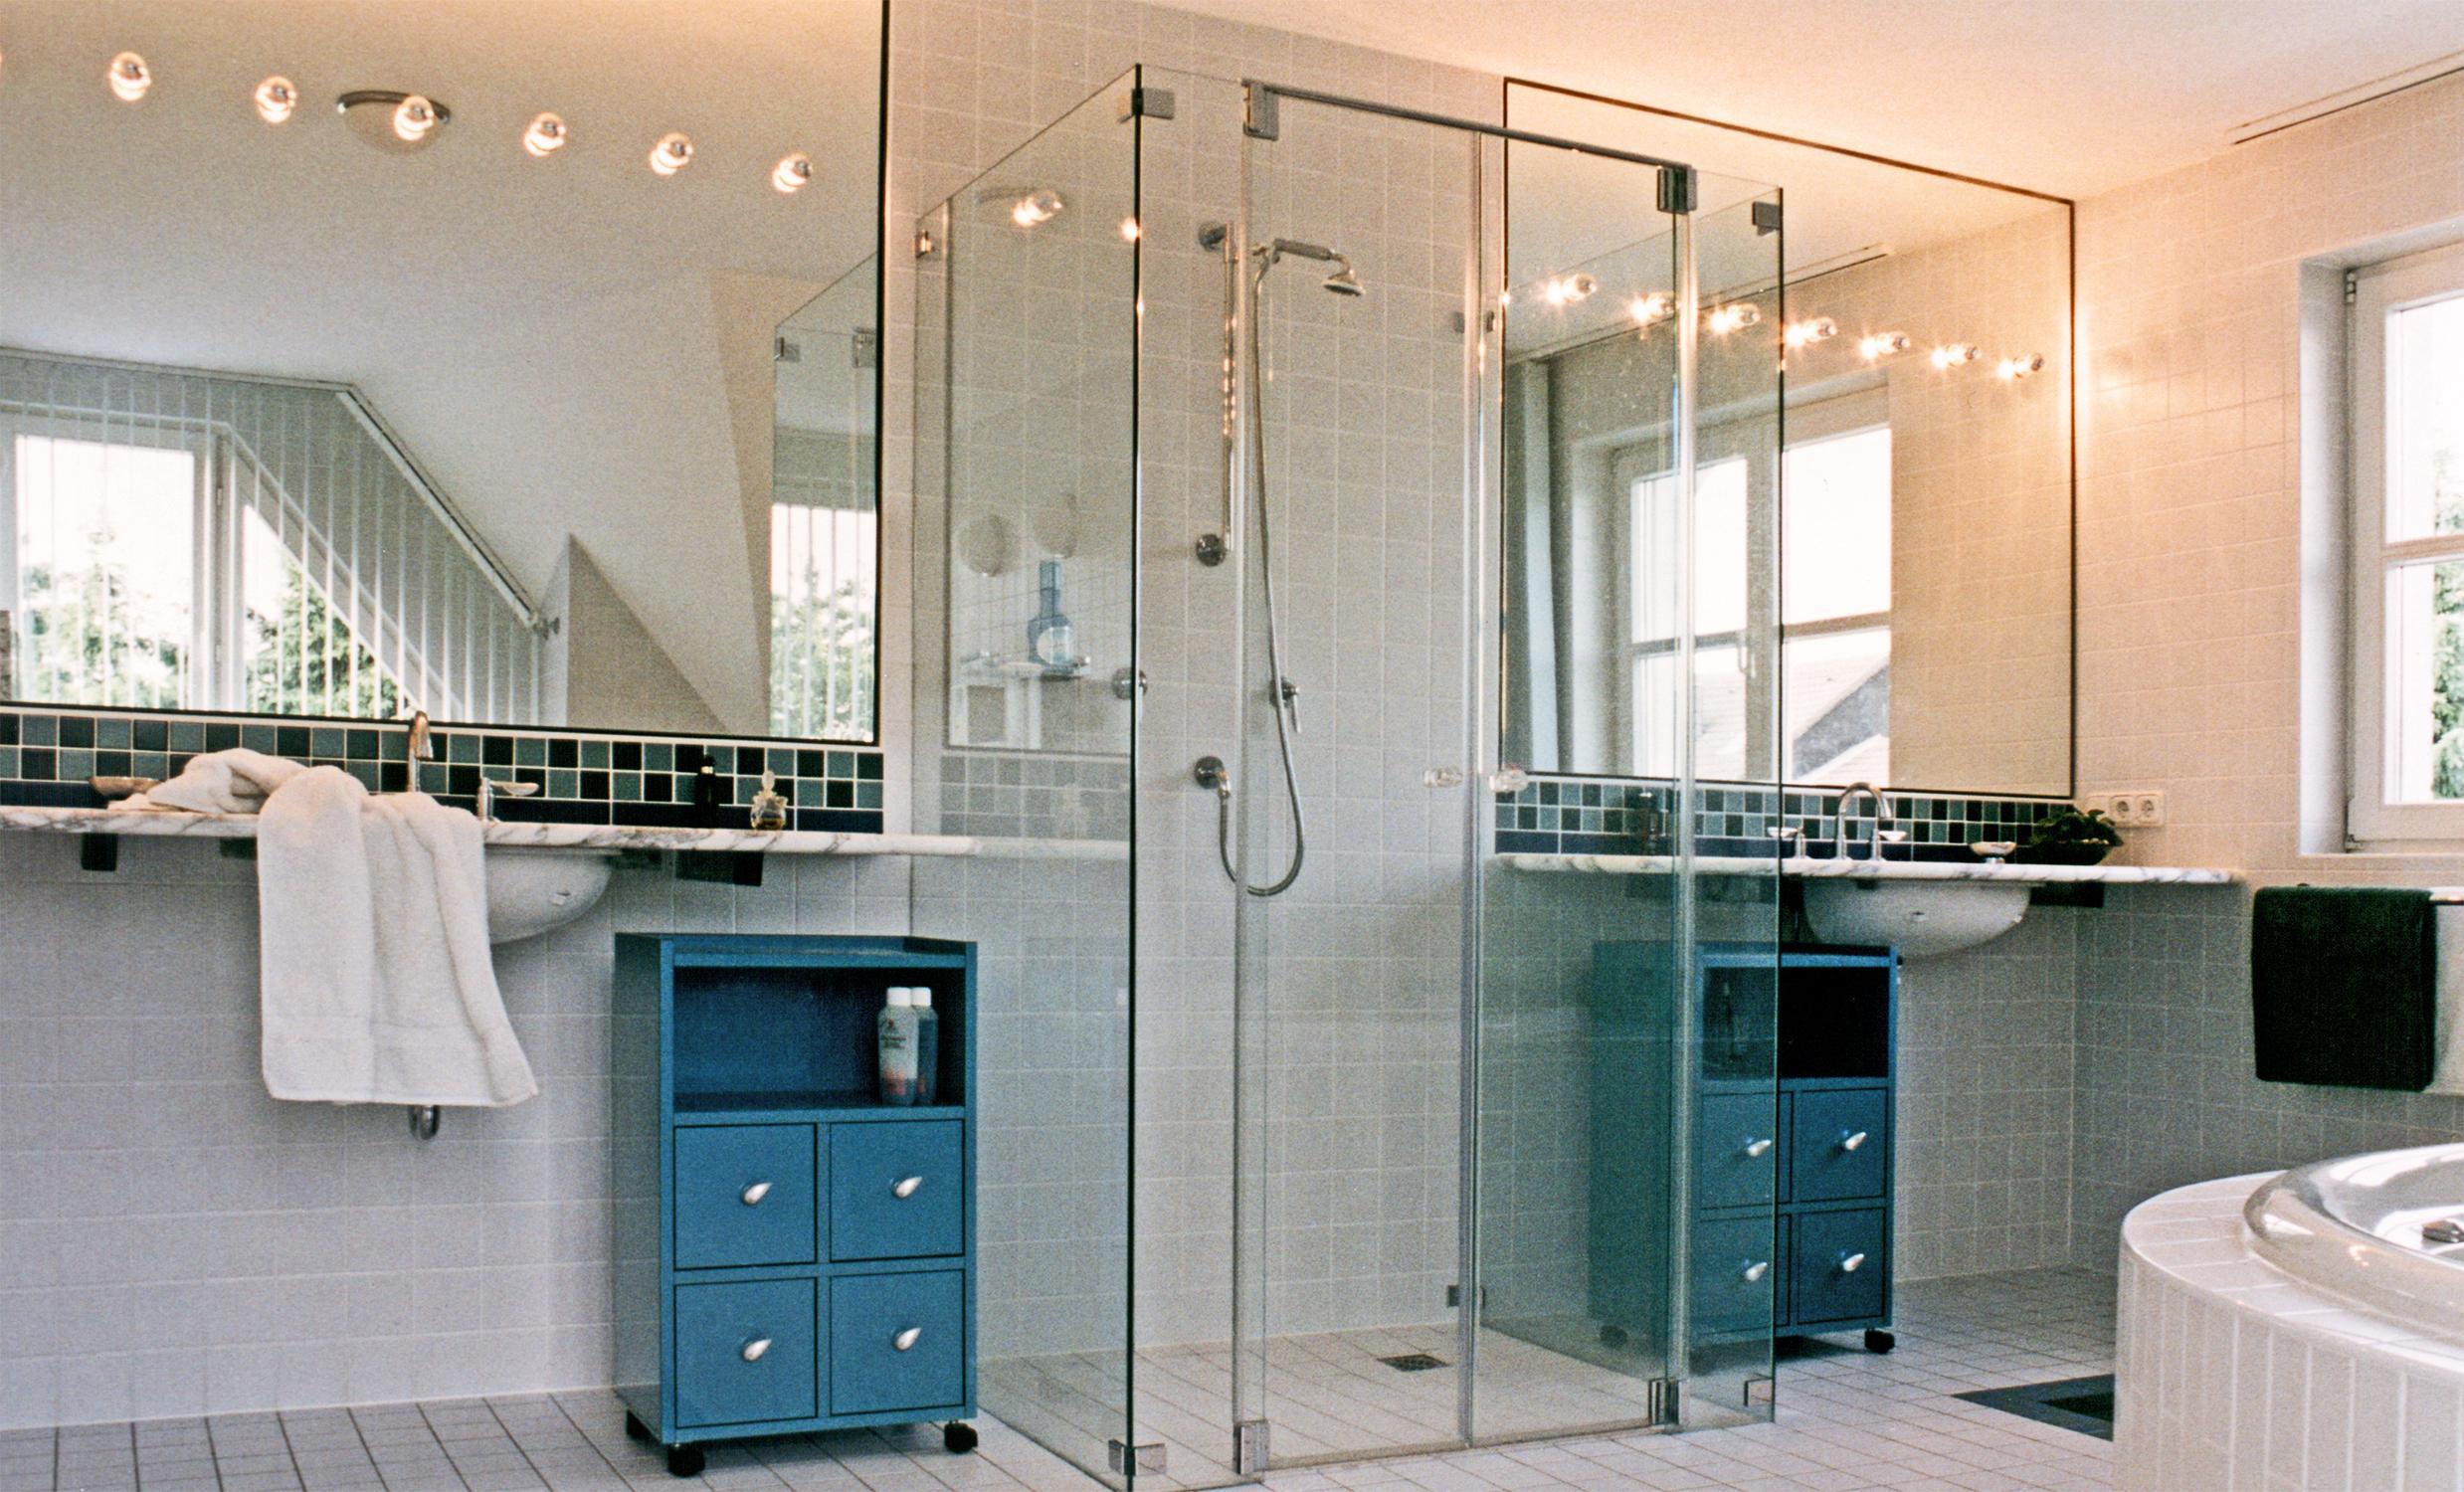 Doppelter Waschtisch Mit Dusche #bad #badezimmer #dusche #spiegel  #waschtisch #kommode